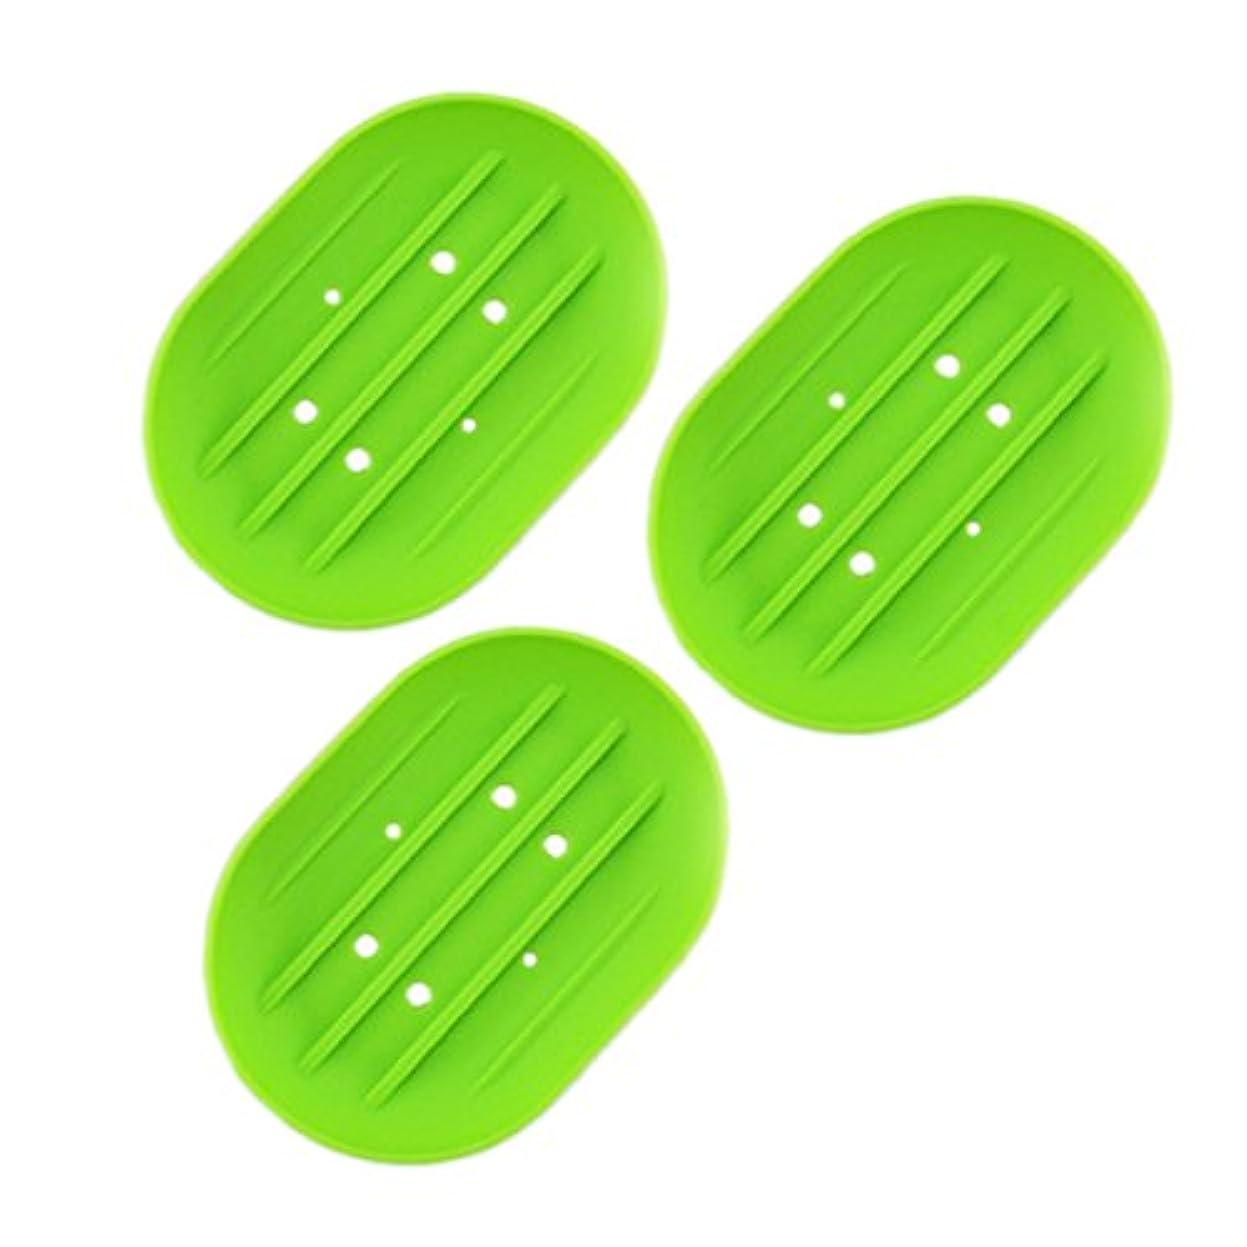 特別に洗剤突然BESTOMZ ソープディッシュソープホルダー, 石鹸トレイ乾燥石鹸バー 浴室用キッチン用3連グリーン用